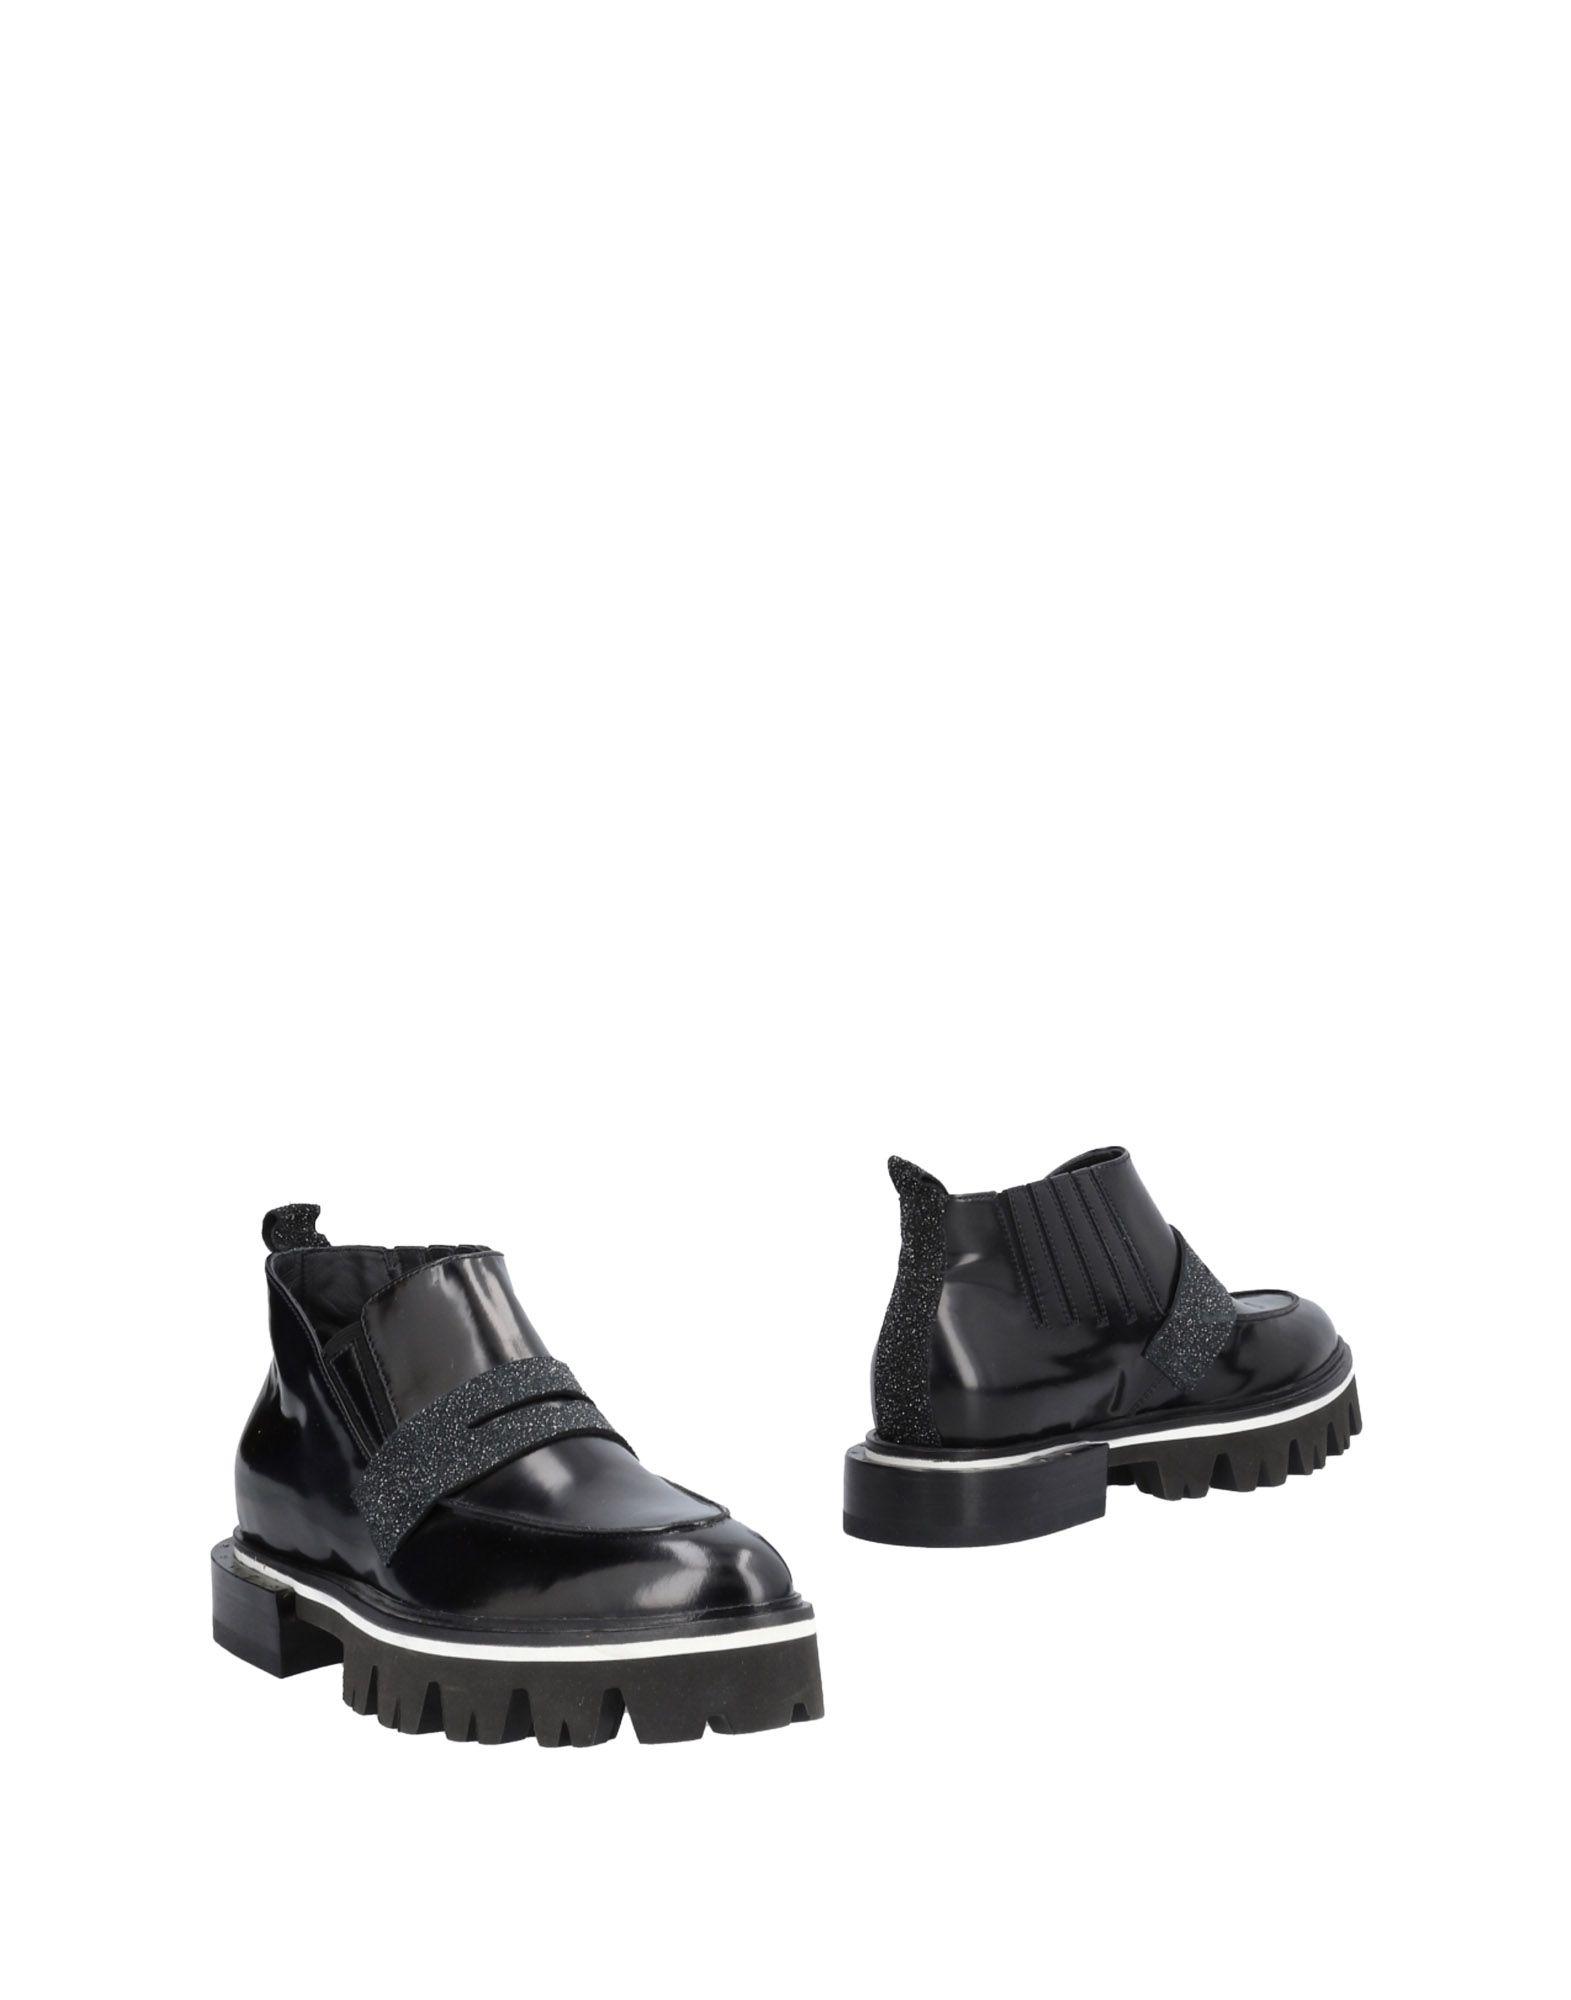 Alberto Guardiani Stiefelette Damen  11488539SLGut aussehende strapazierfähige Schuhe